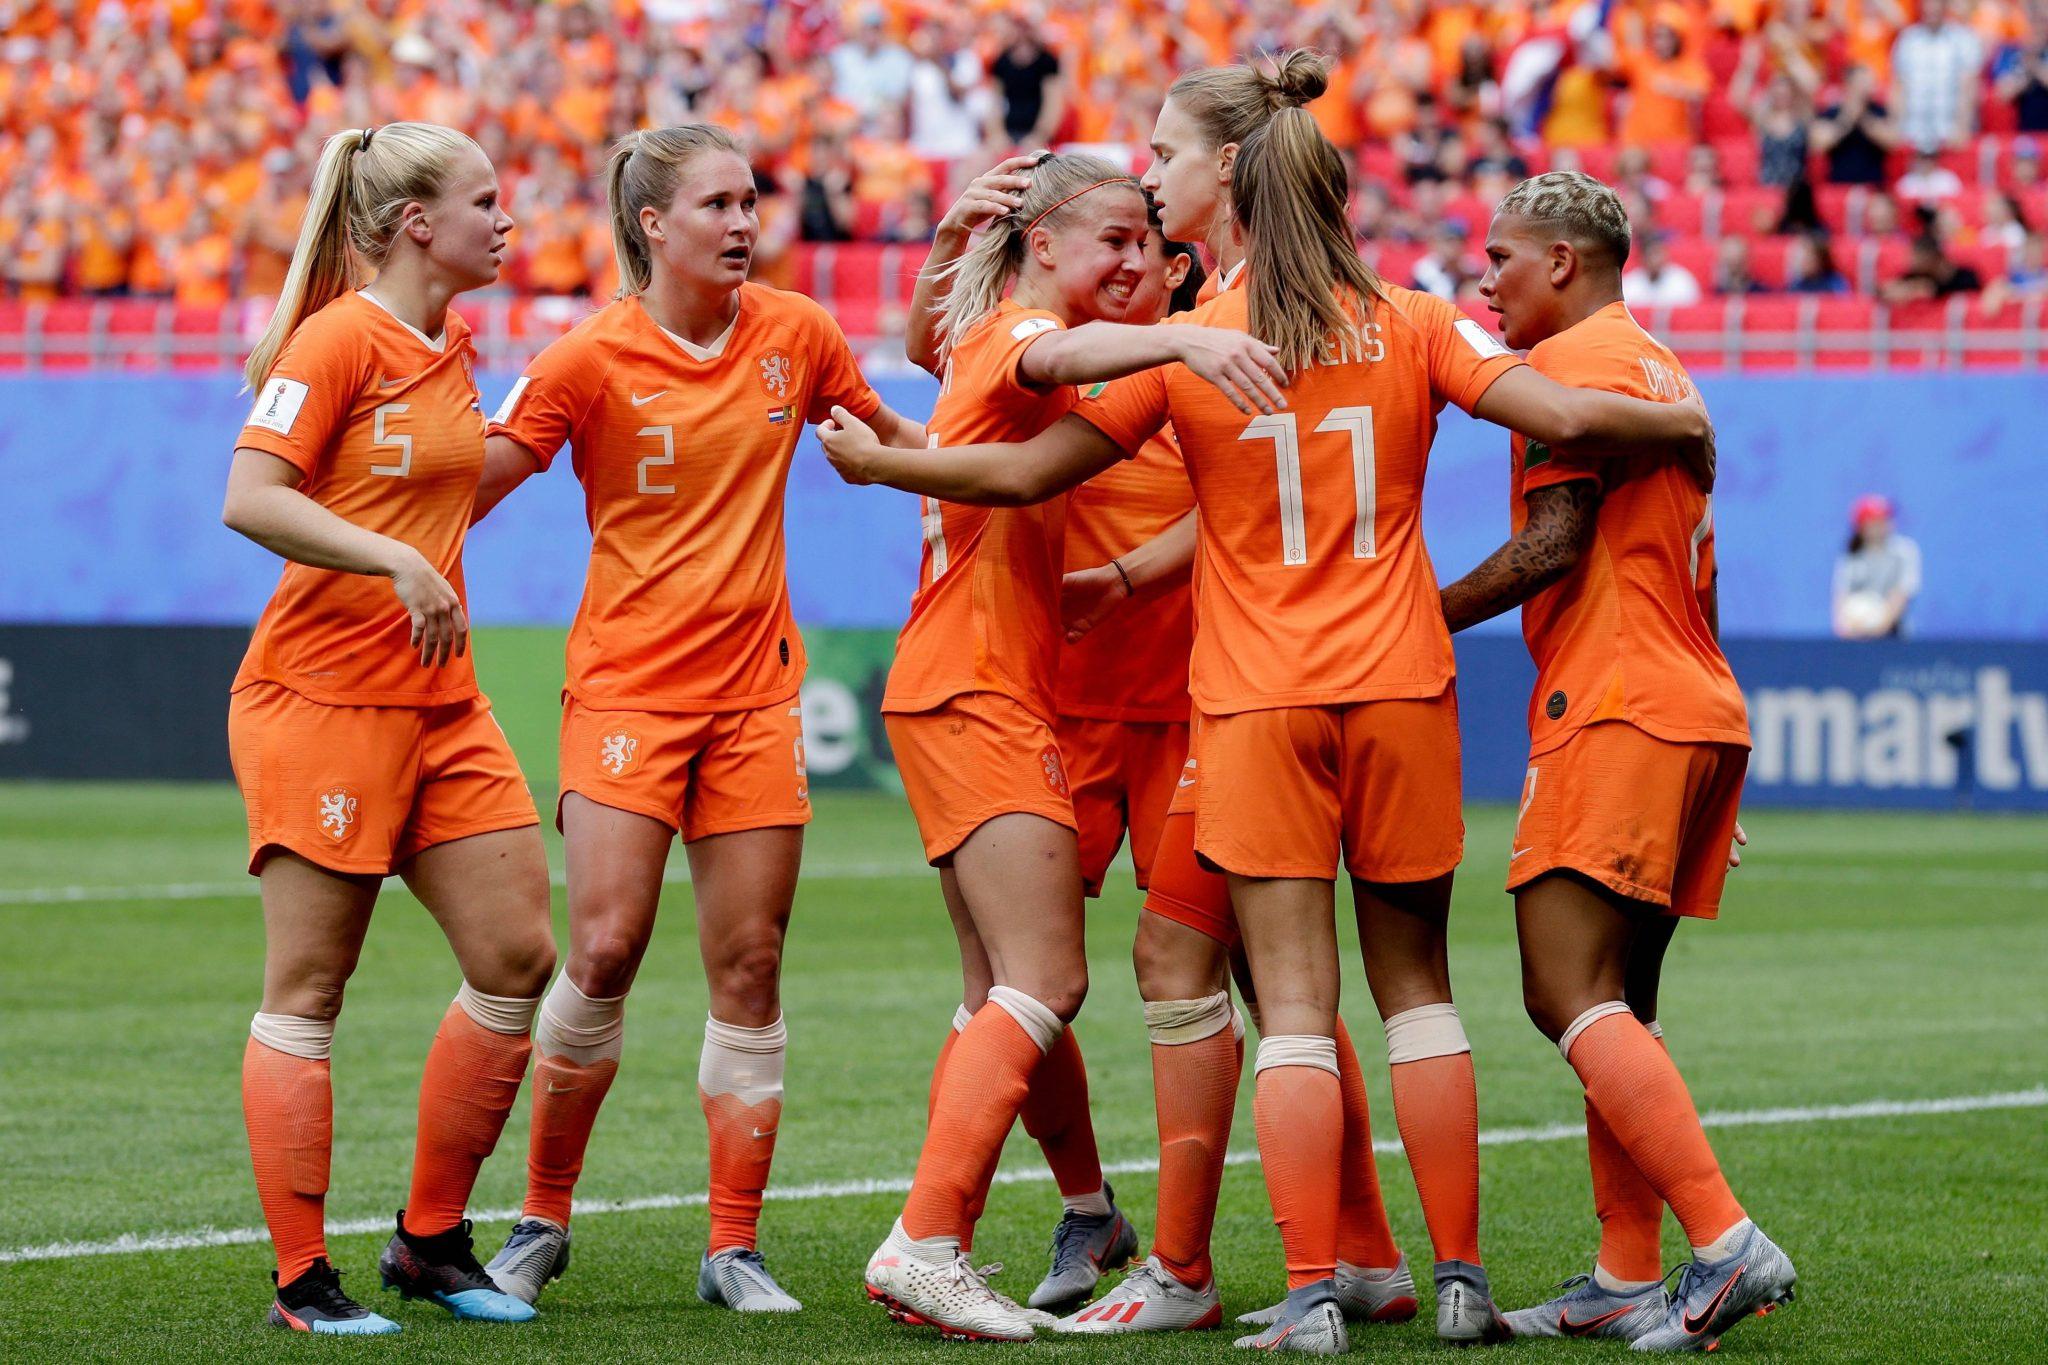 Dit Is De Opstelling Van De Oranje Leeuwinnen Voor De Clash Met Canada Sportnieuws